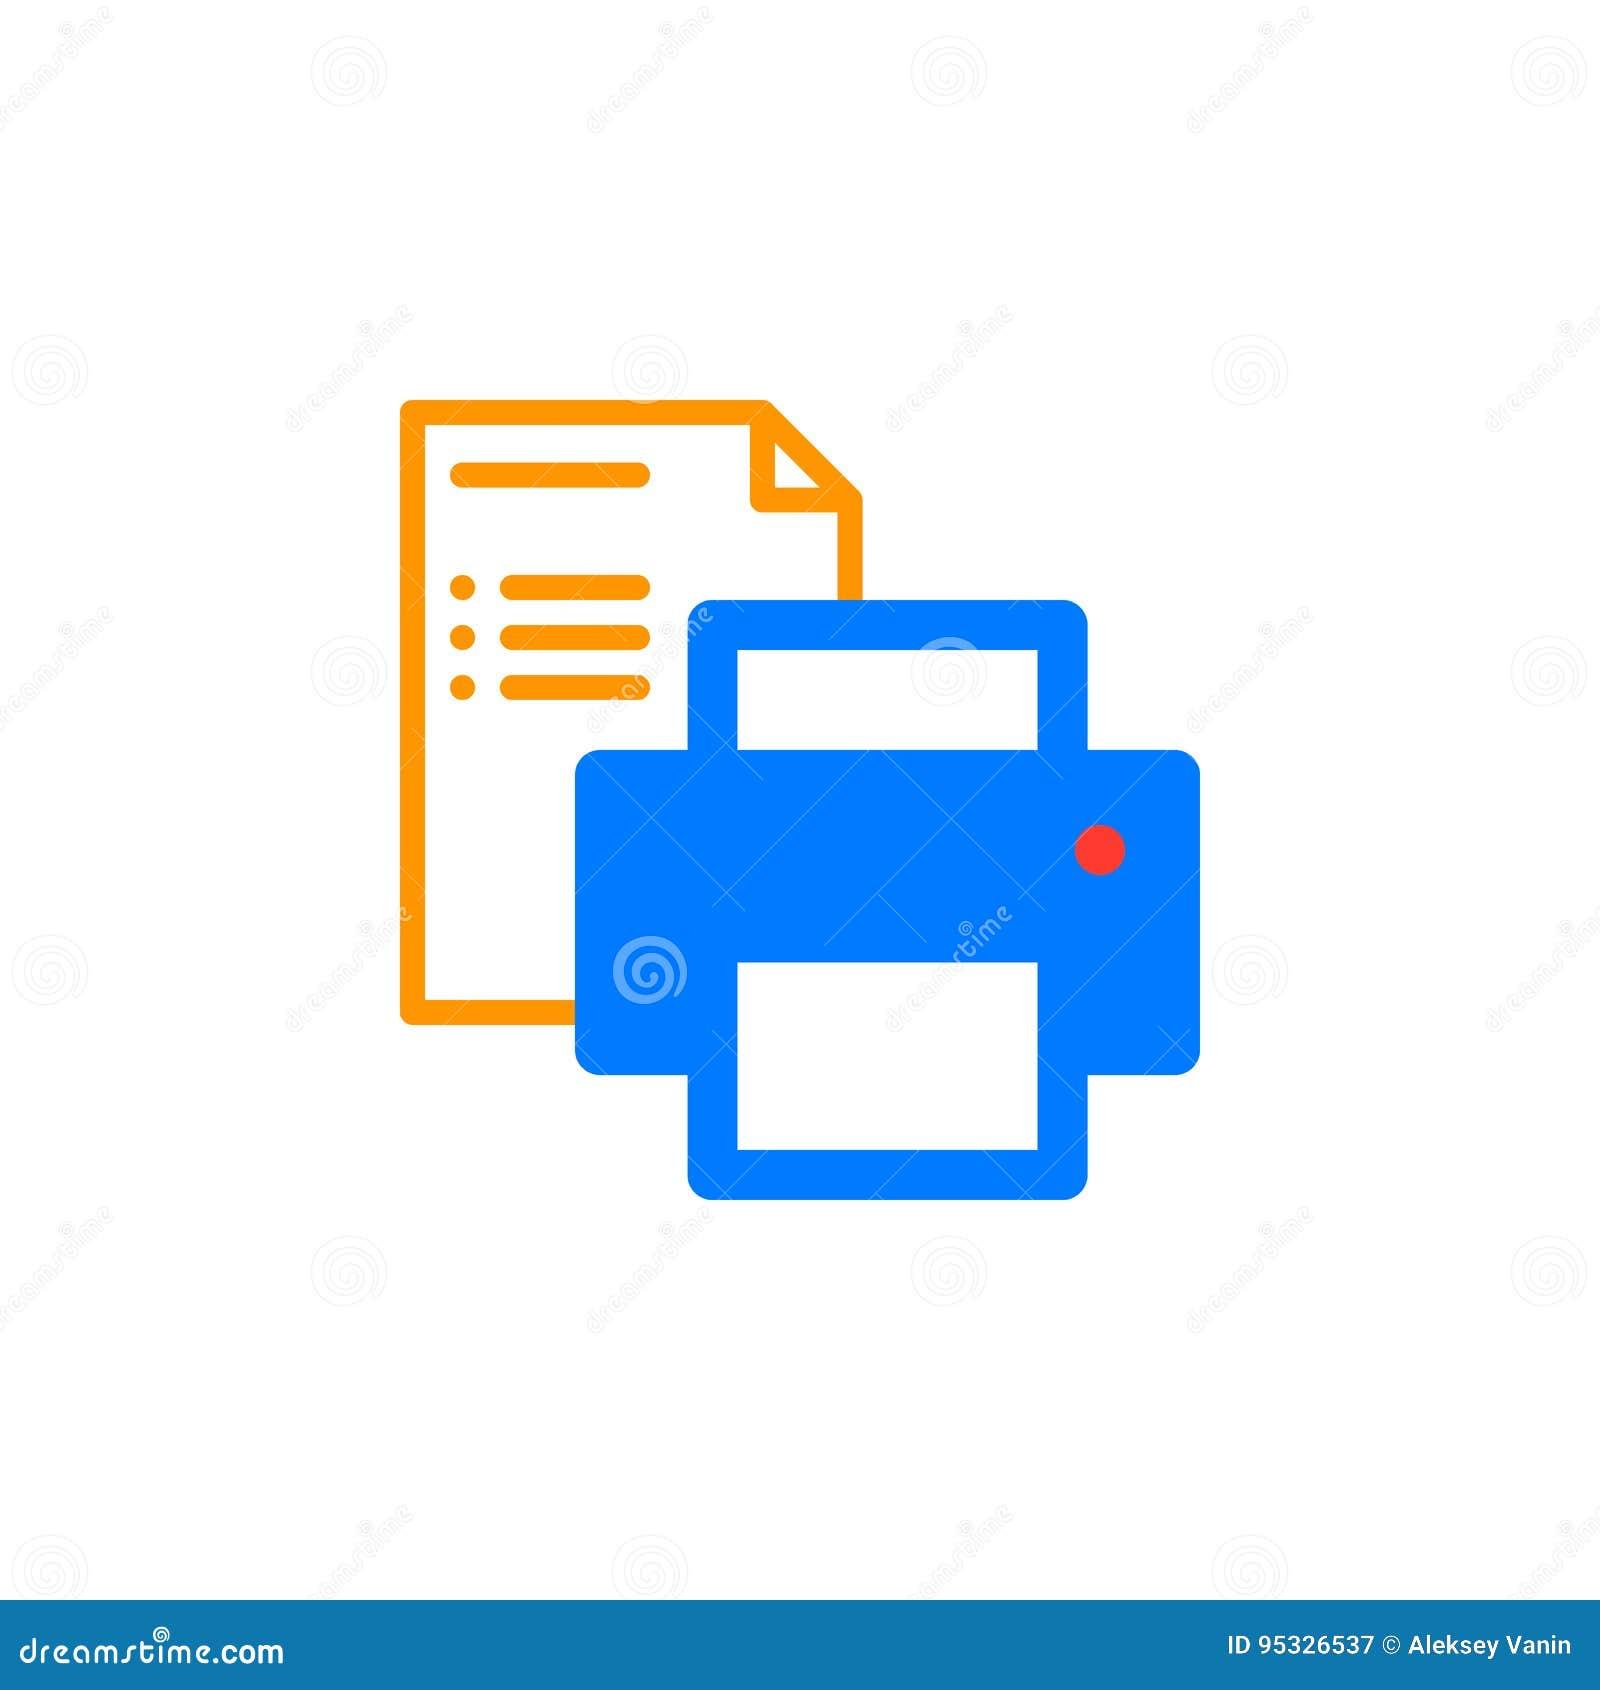 Symbolsvektor för skrivare och för pappers- dokument, fyllt plant tecken, fast färgrik pictogram som isoleras på vit